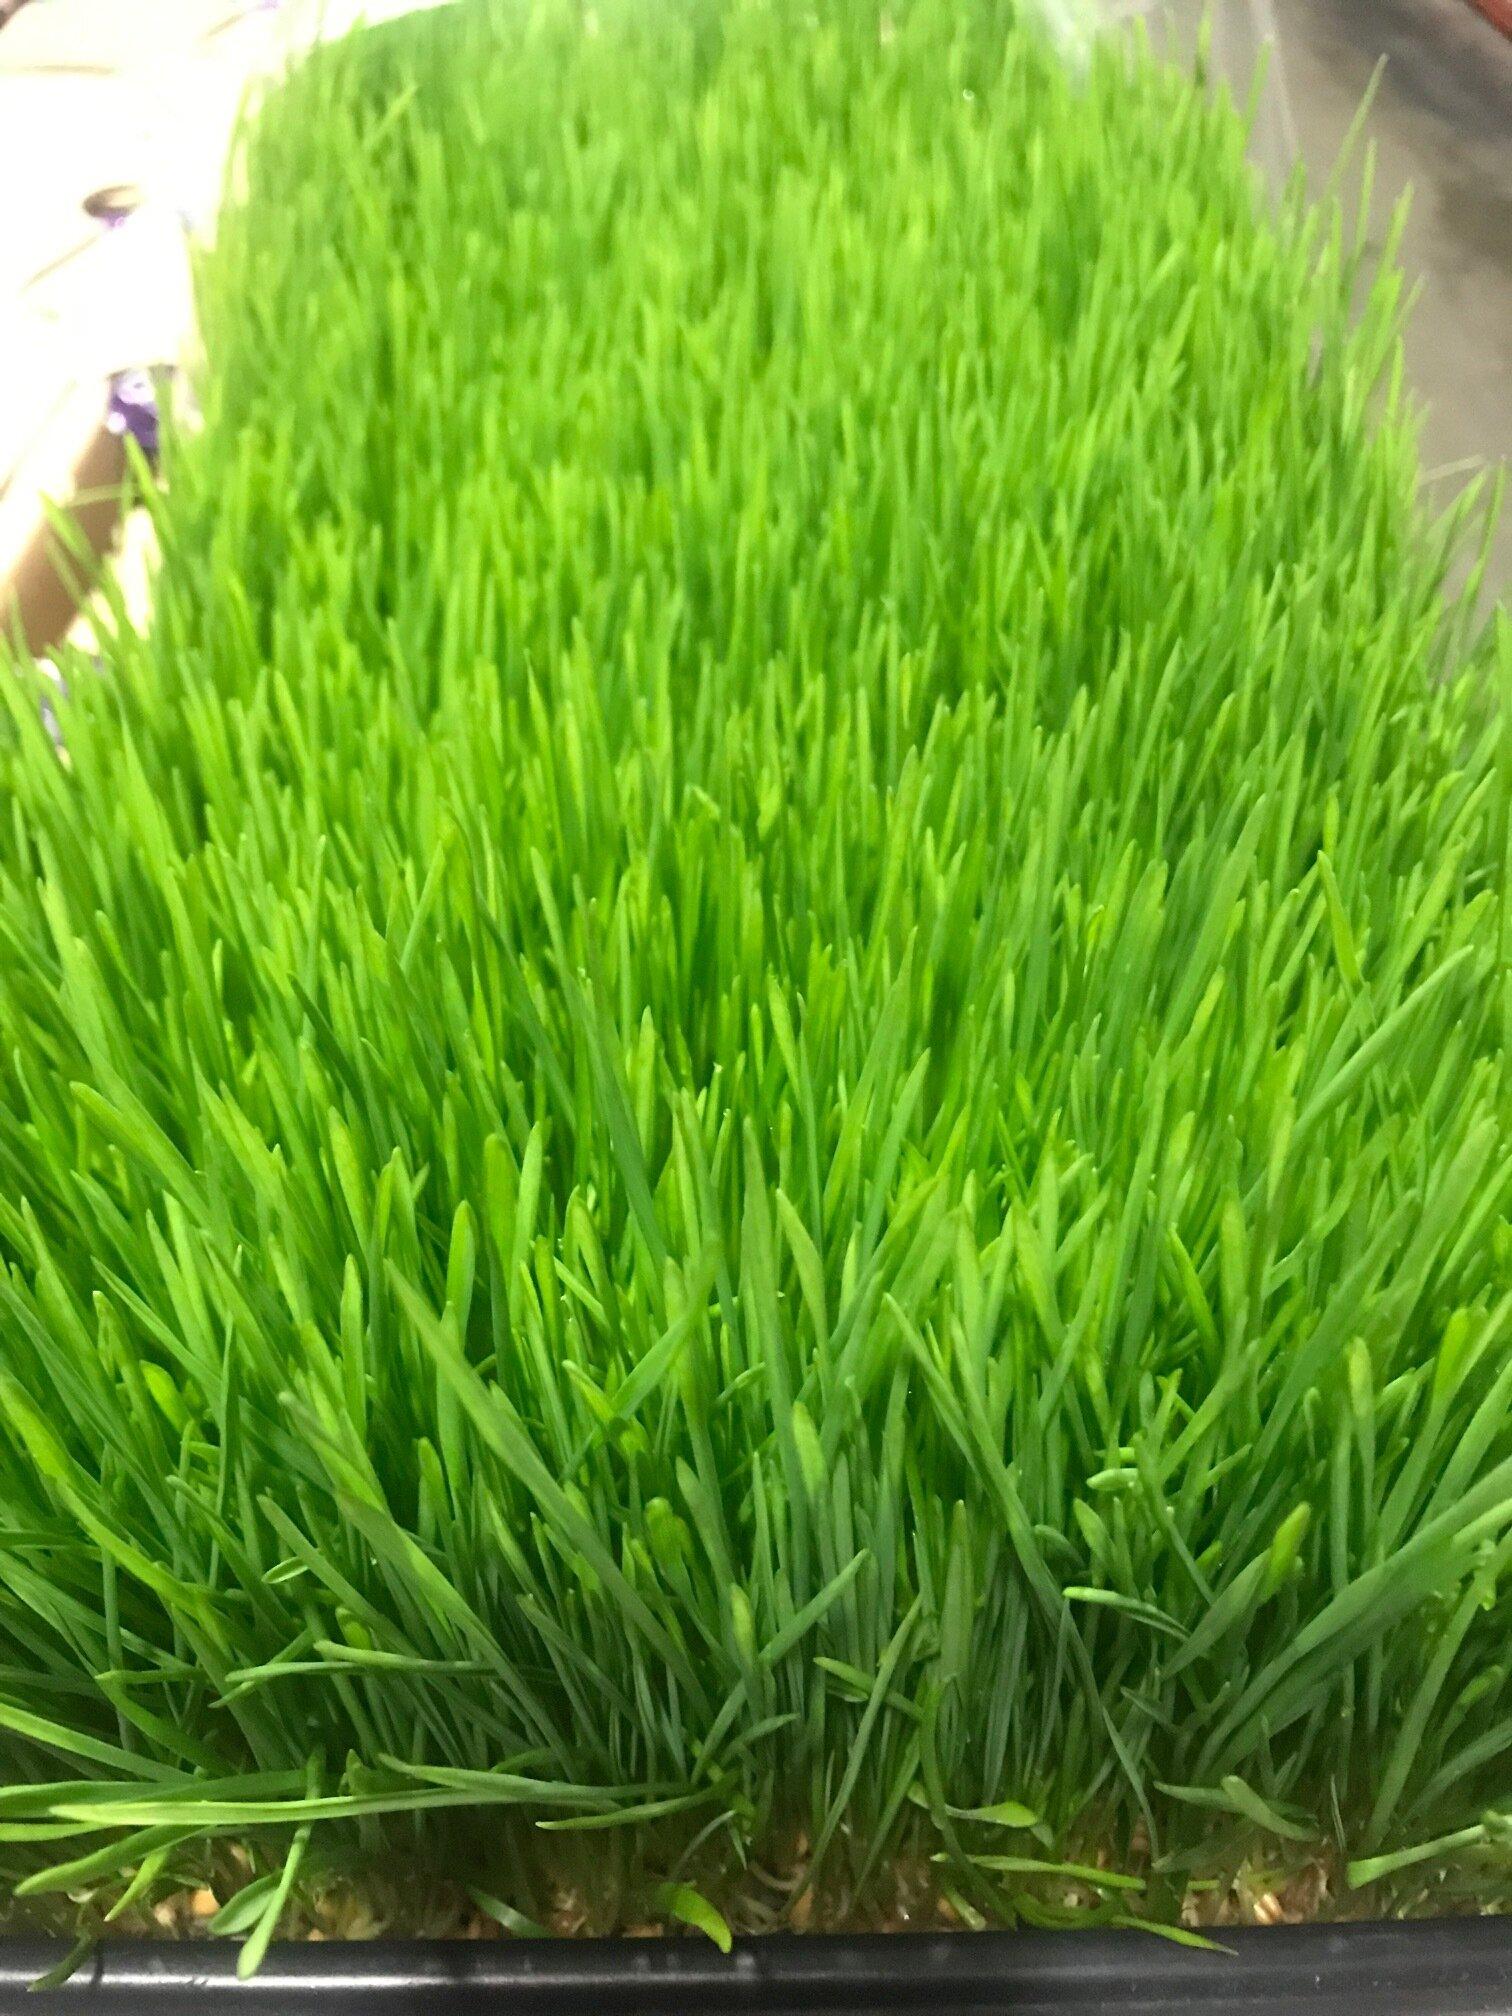 wheat grass.jpg